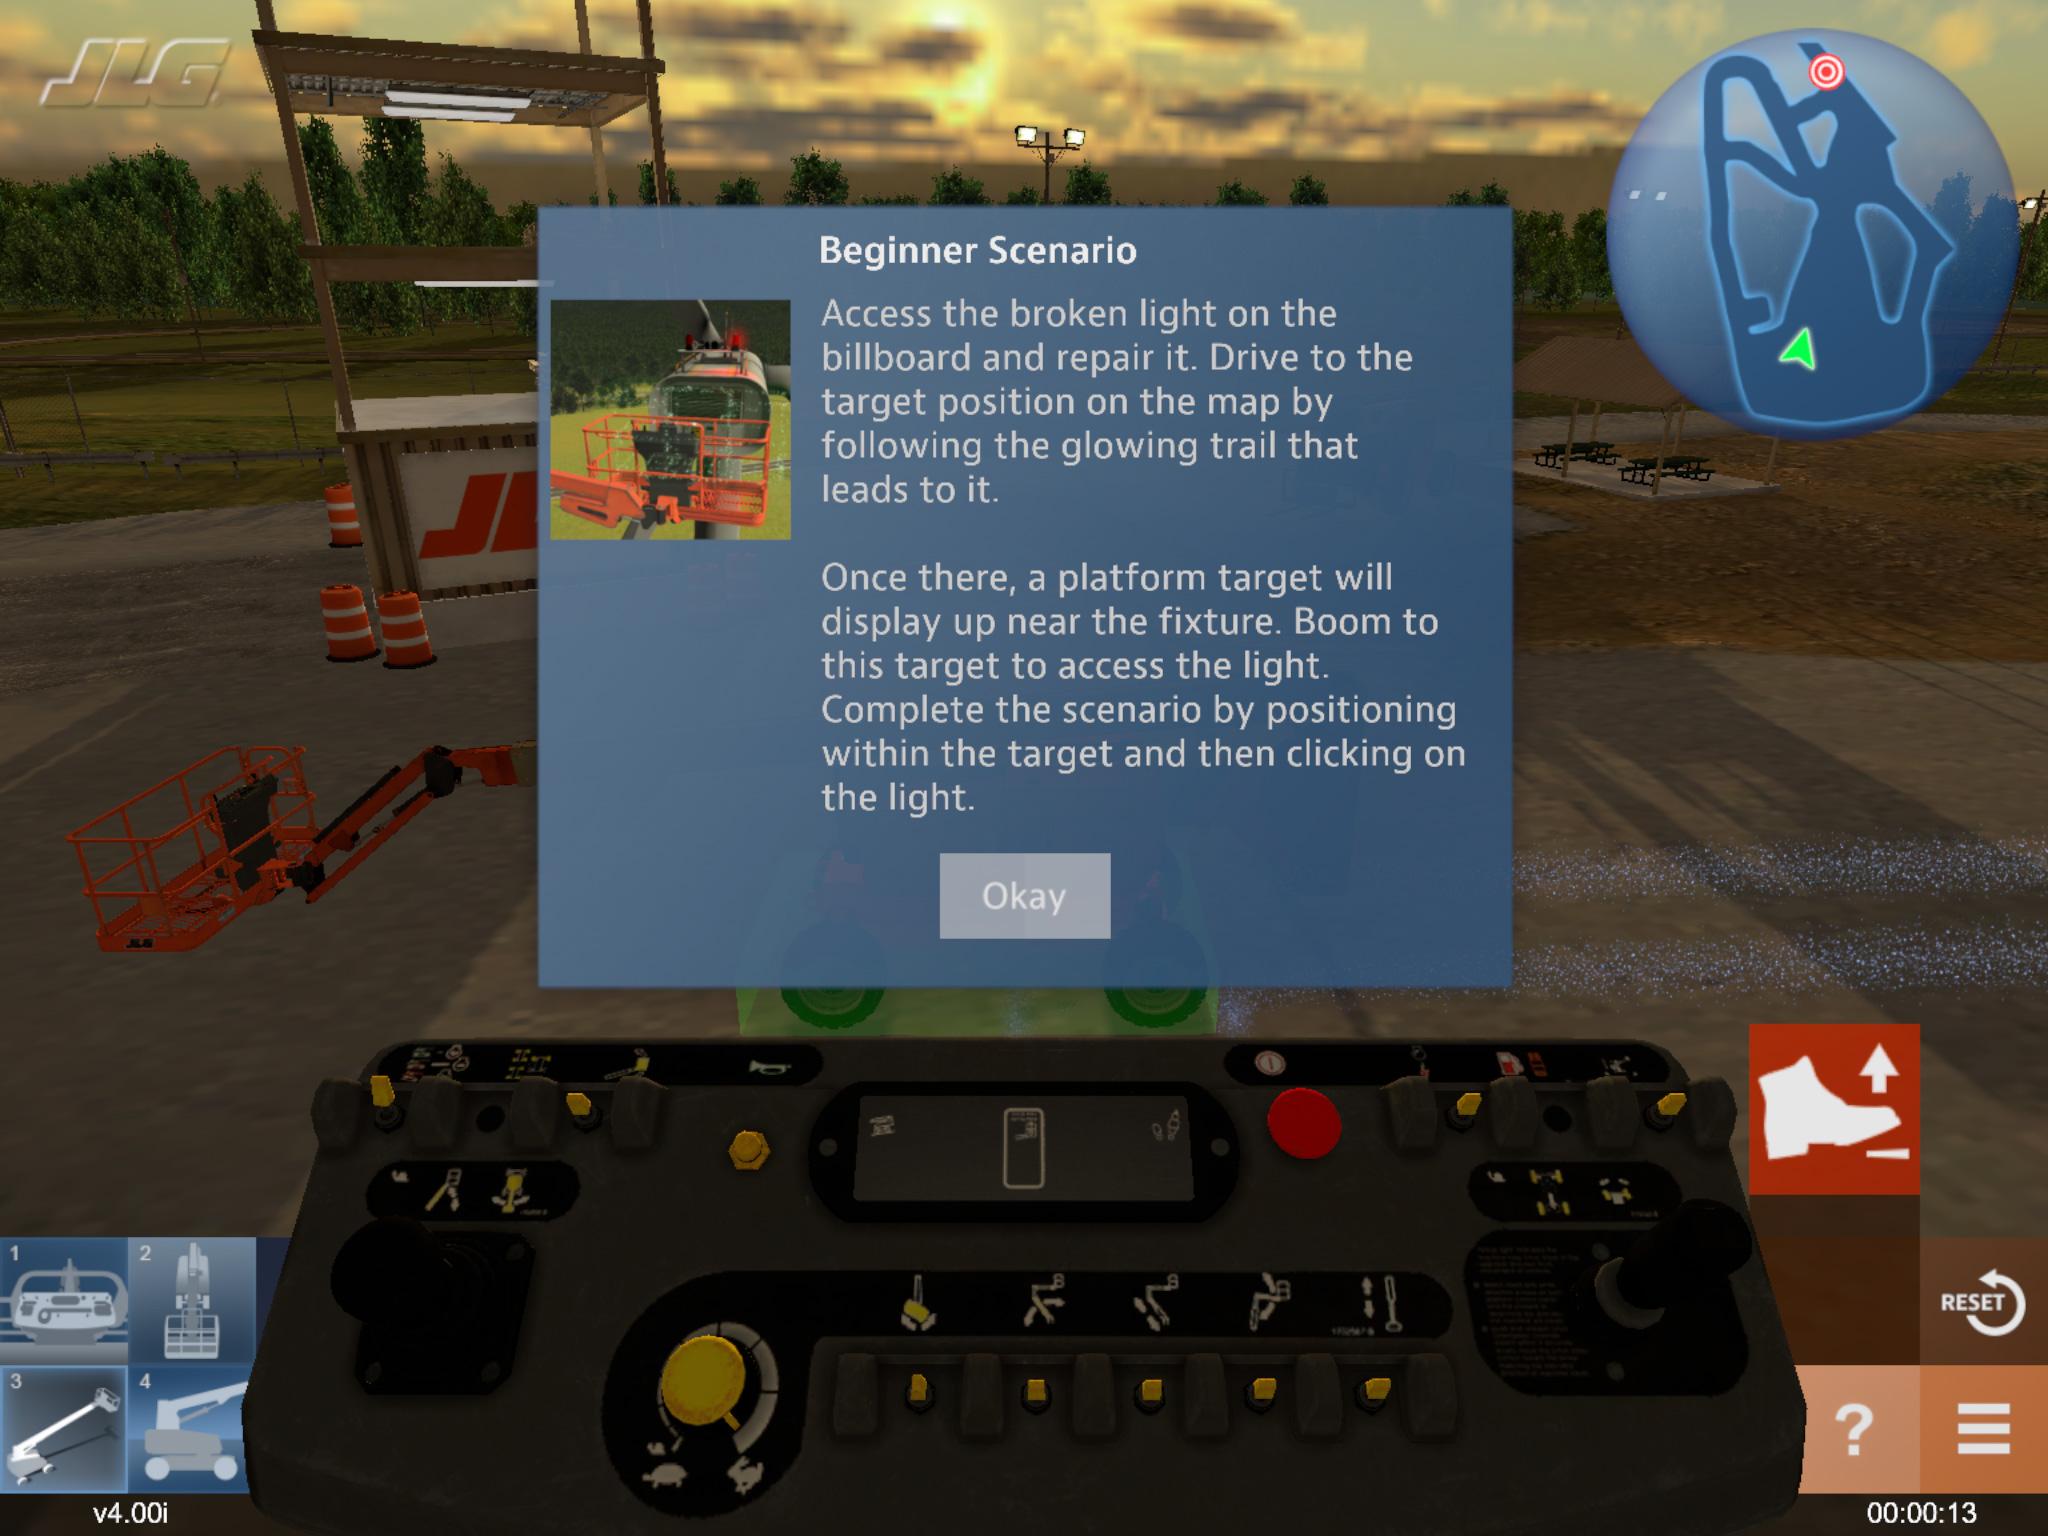 Heavy Equipment Operator Training Simulator